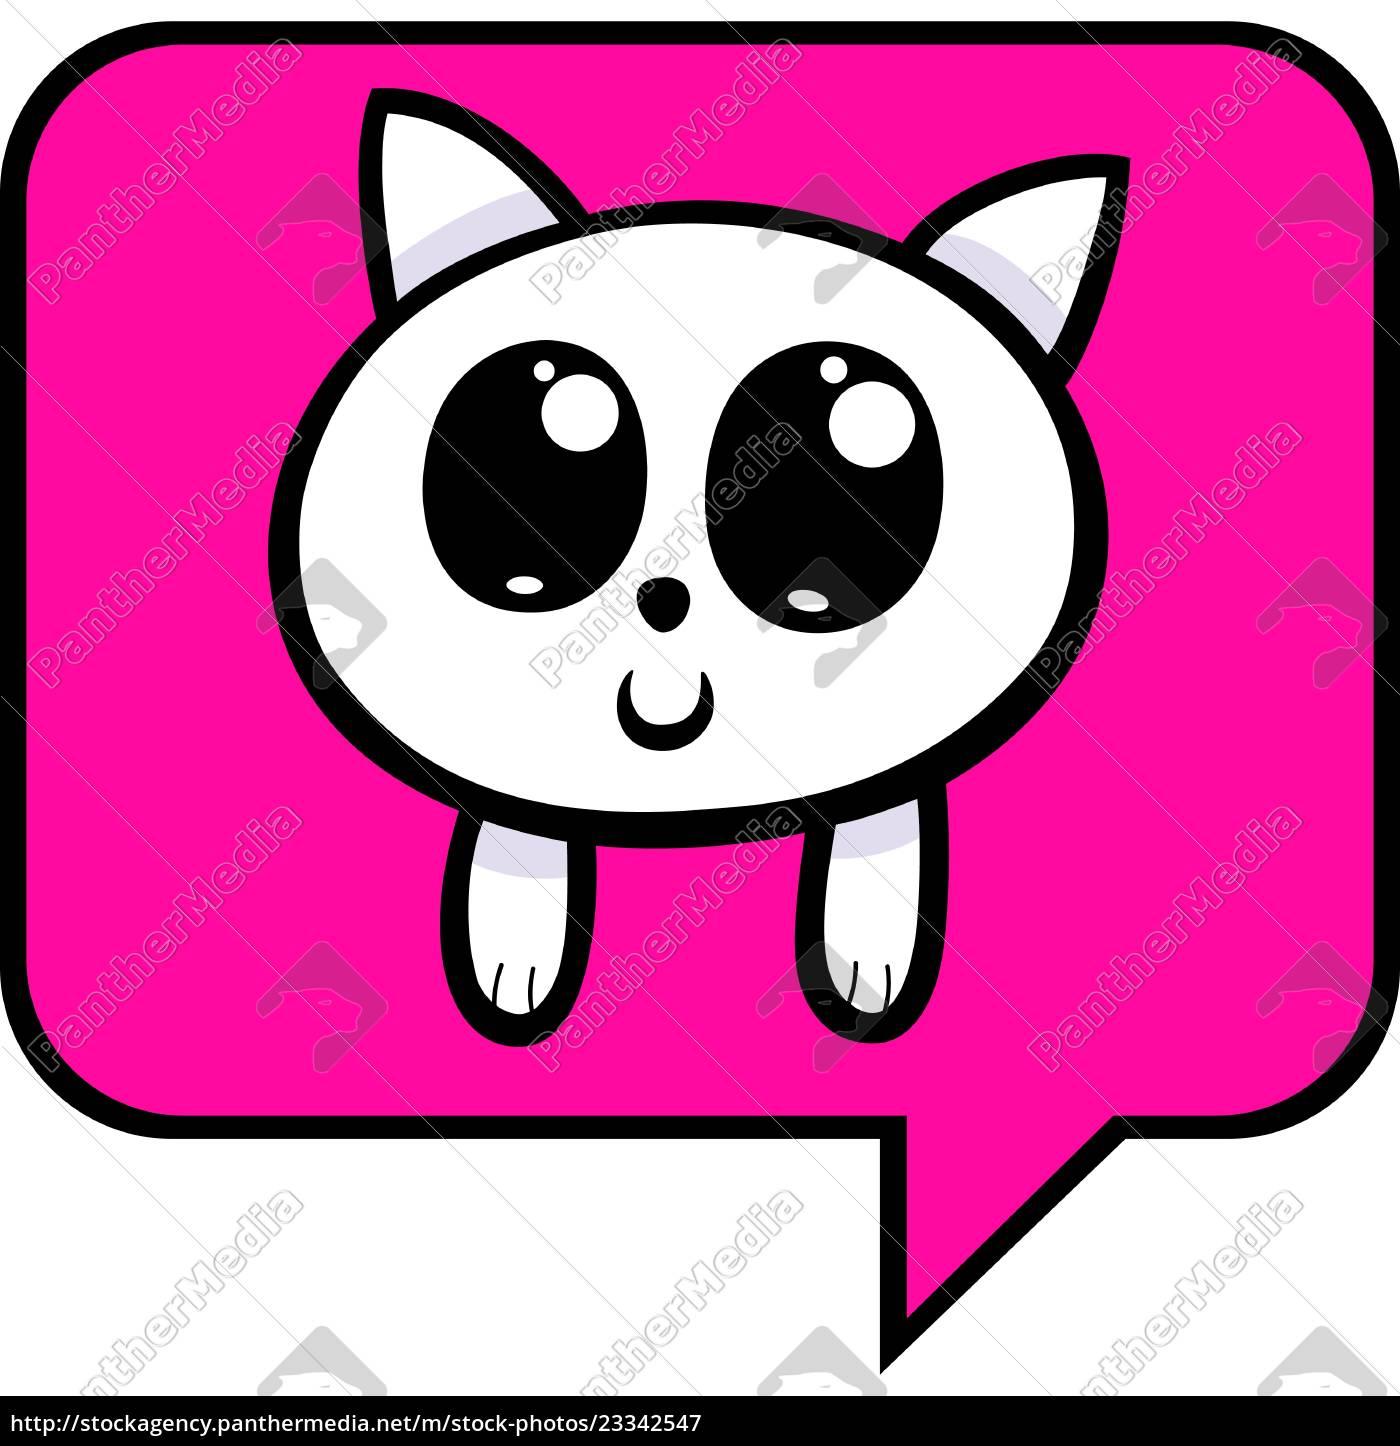 cartoon, kitten, chat, icon - 23342547